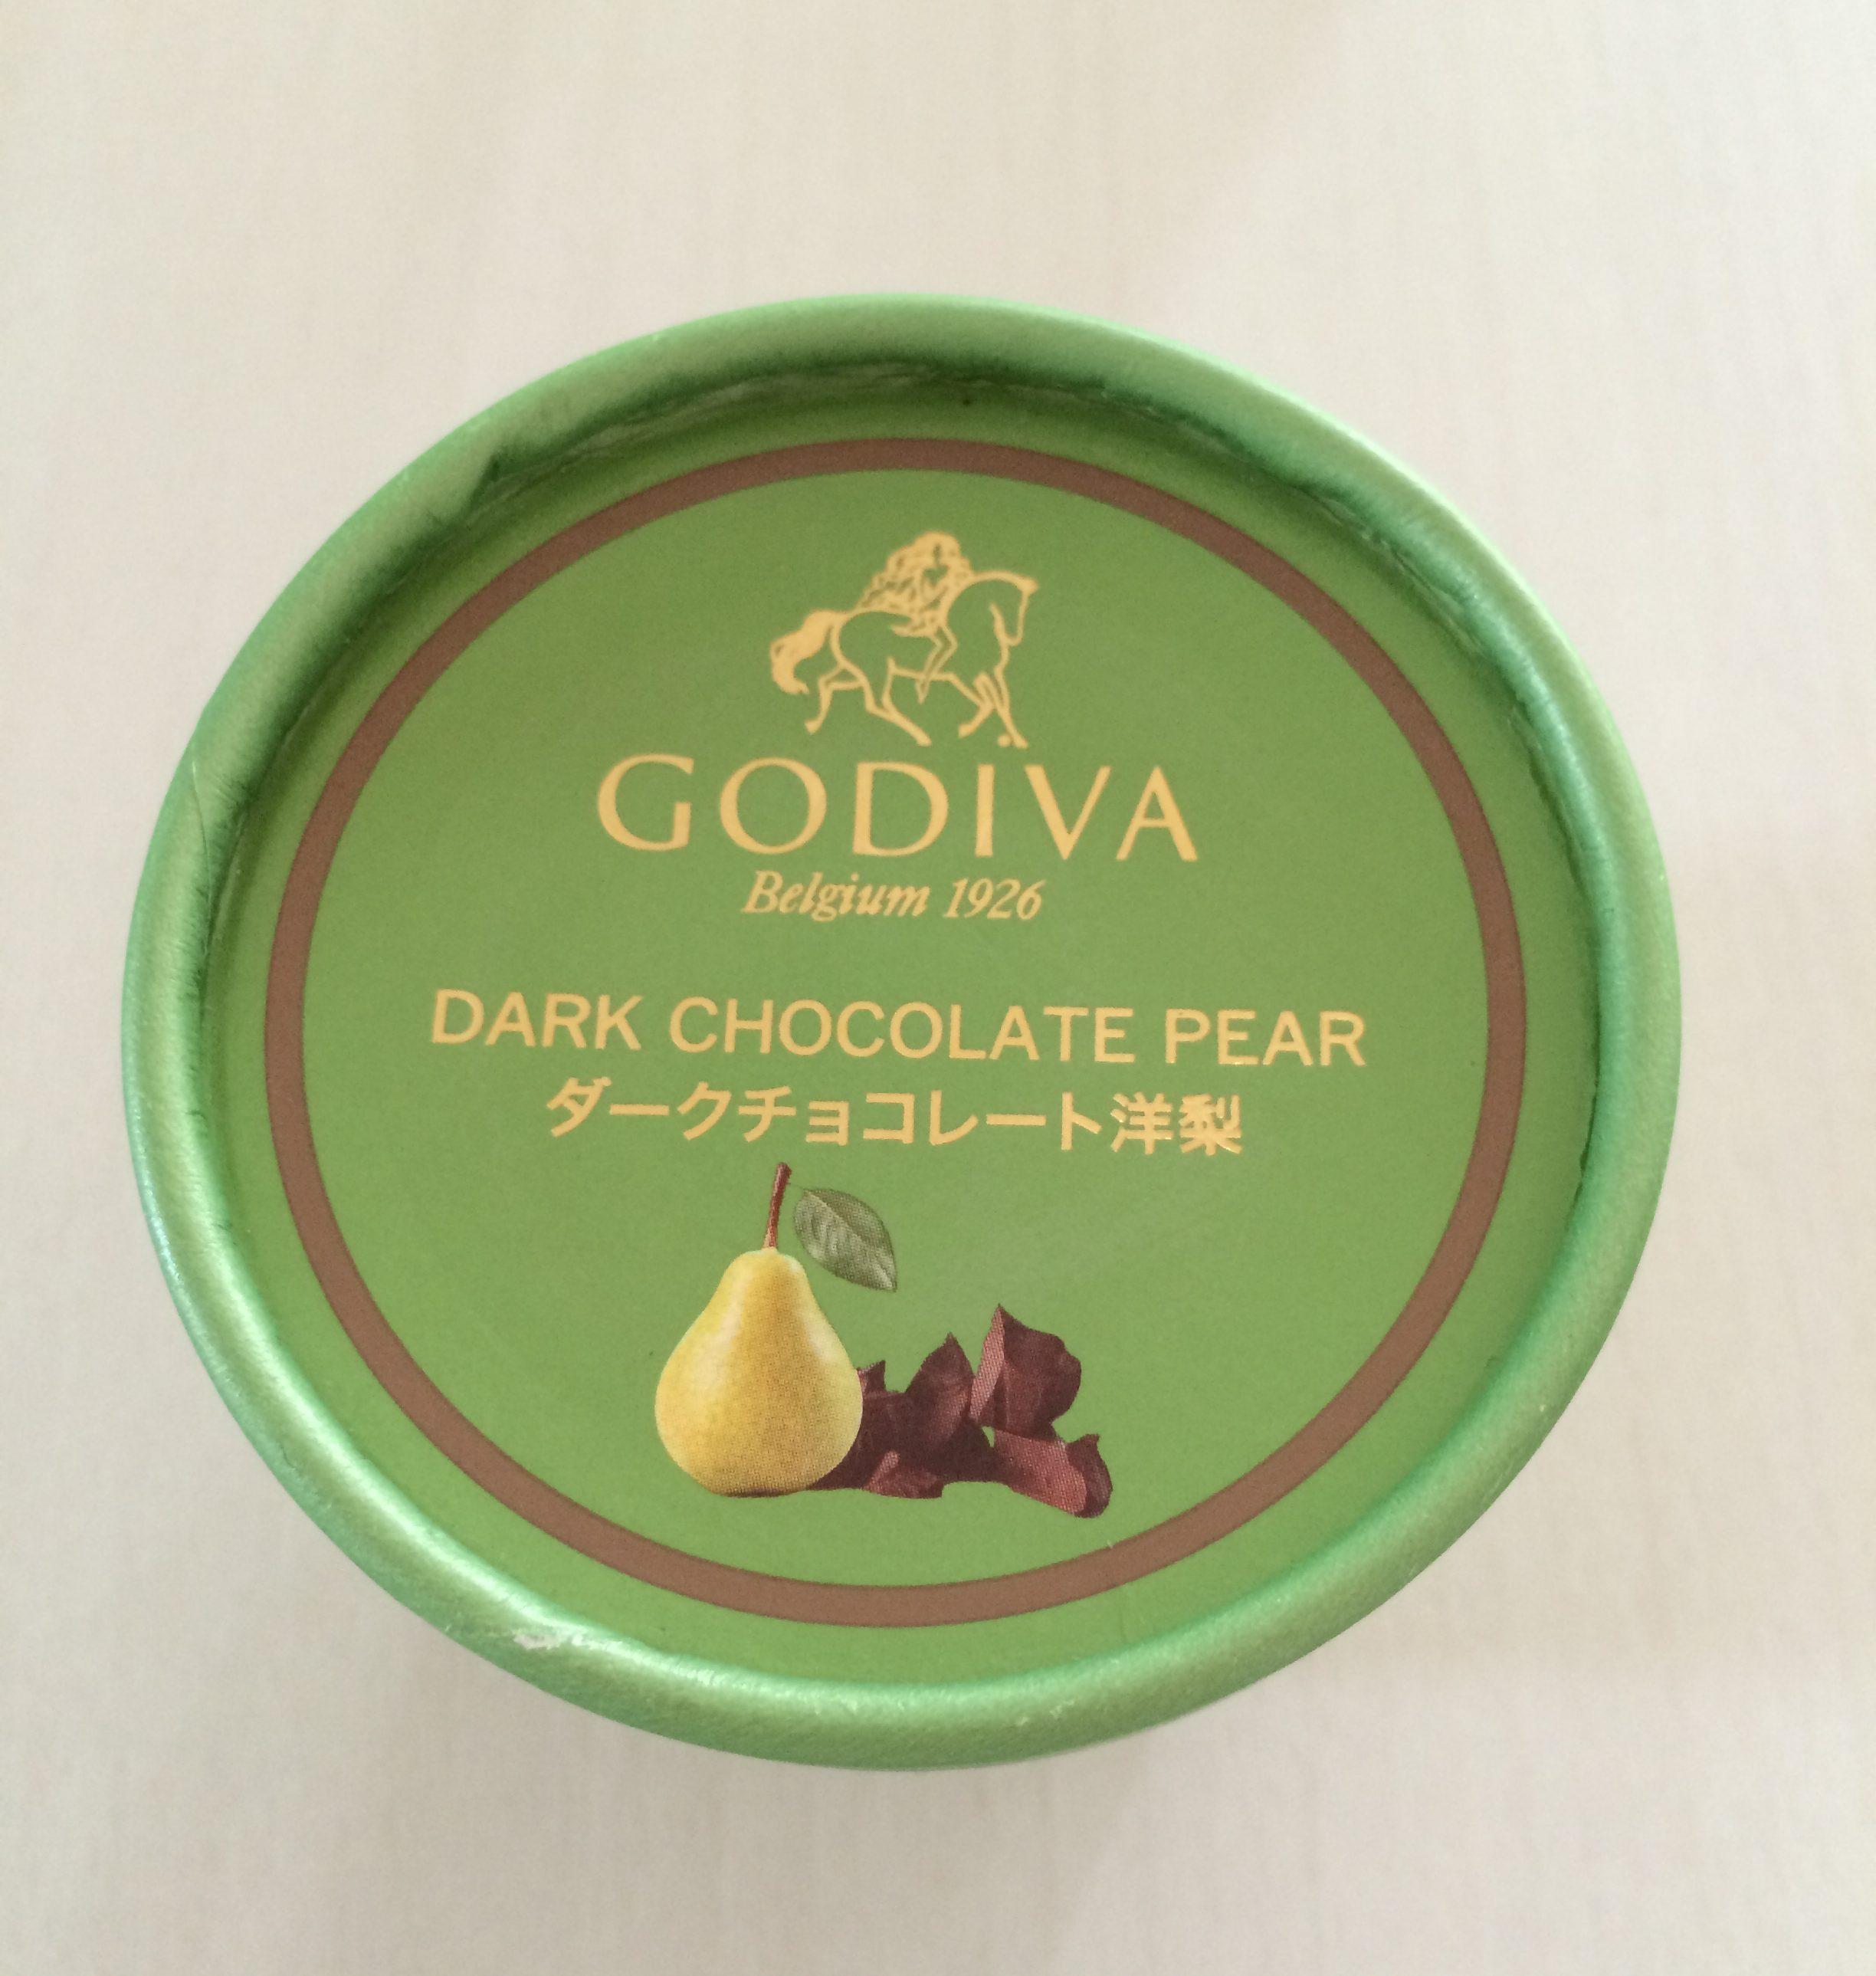 【ゴディバジャパン】ダークチョコレート洋梨 食べた感想